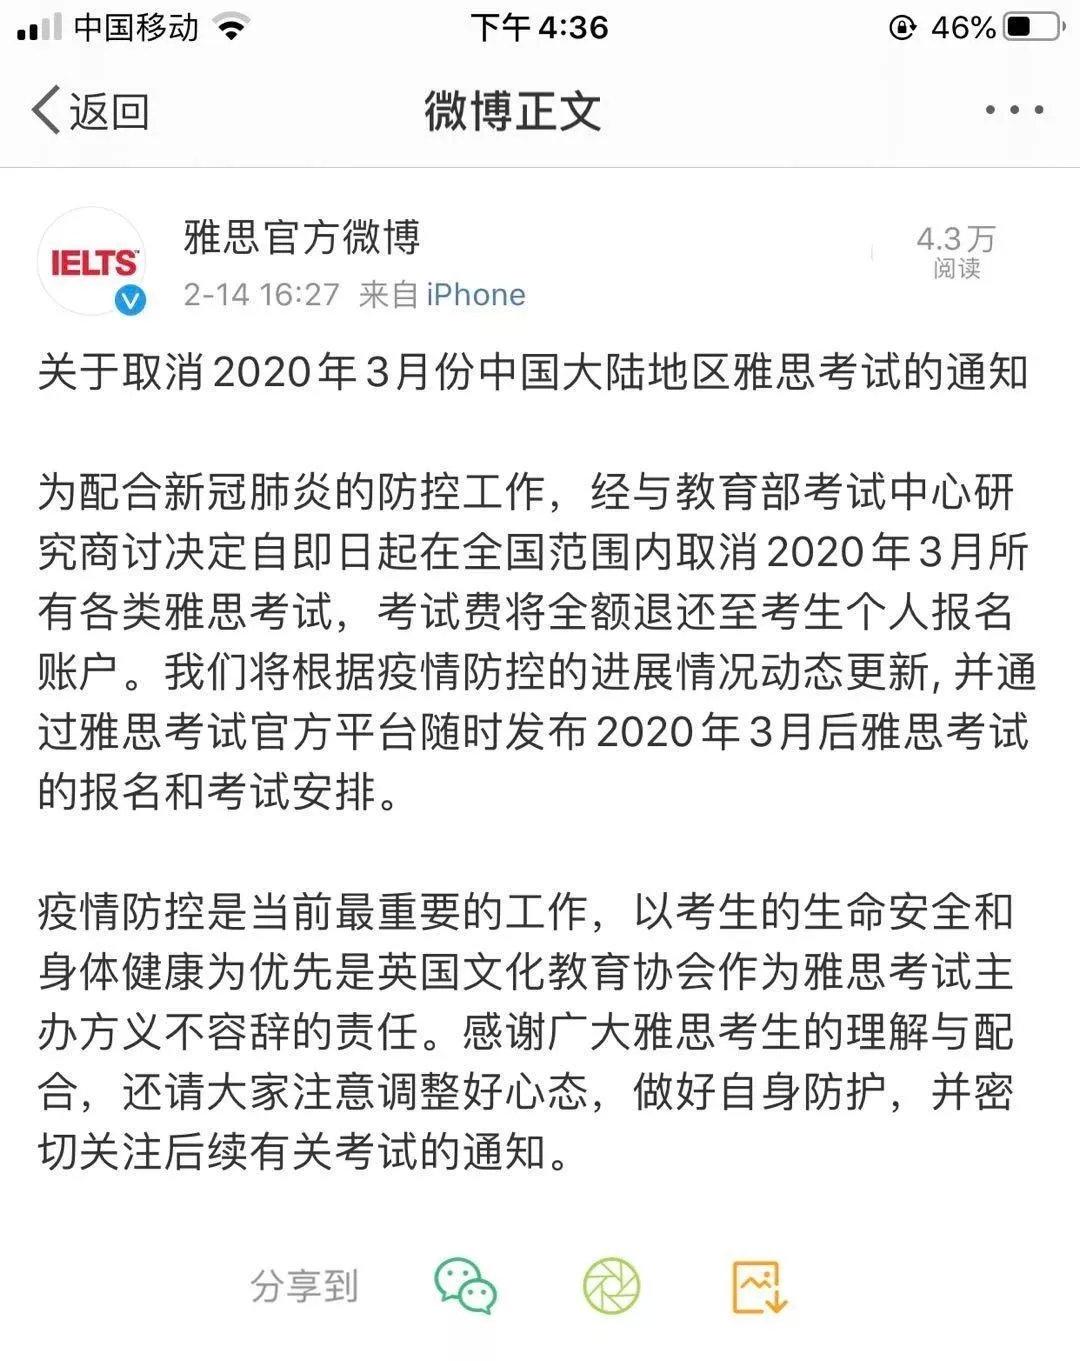 突发!雅思官方取消中国大陆3月份雅思考试!近期考试该如何报名